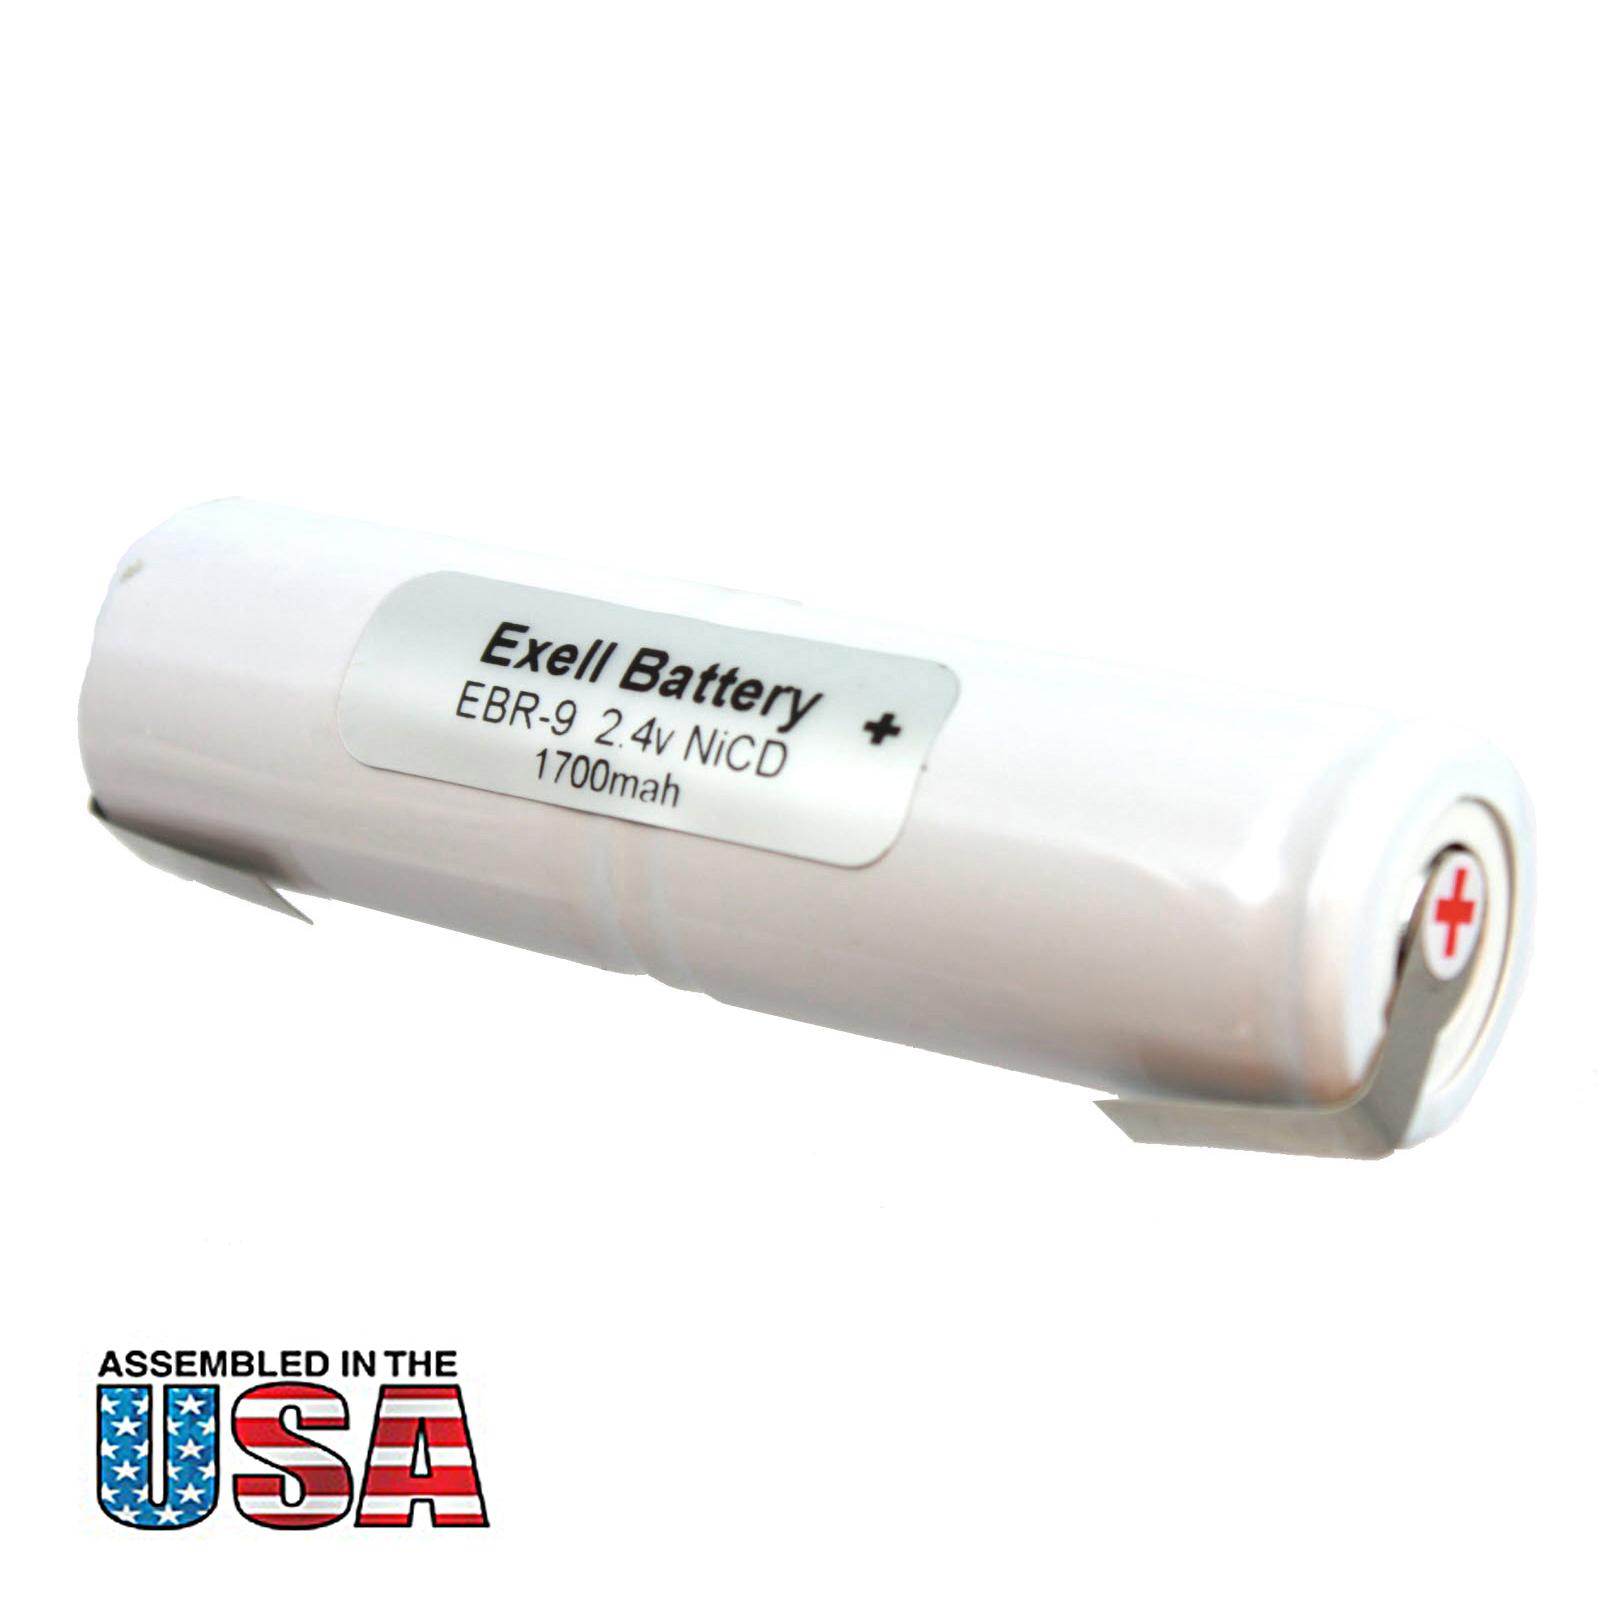 razor battery ebr 9 for skil 2105 2610910904 2610910935 fast usa ship ebay. Black Bedroom Furniture Sets. Home Design Ideas